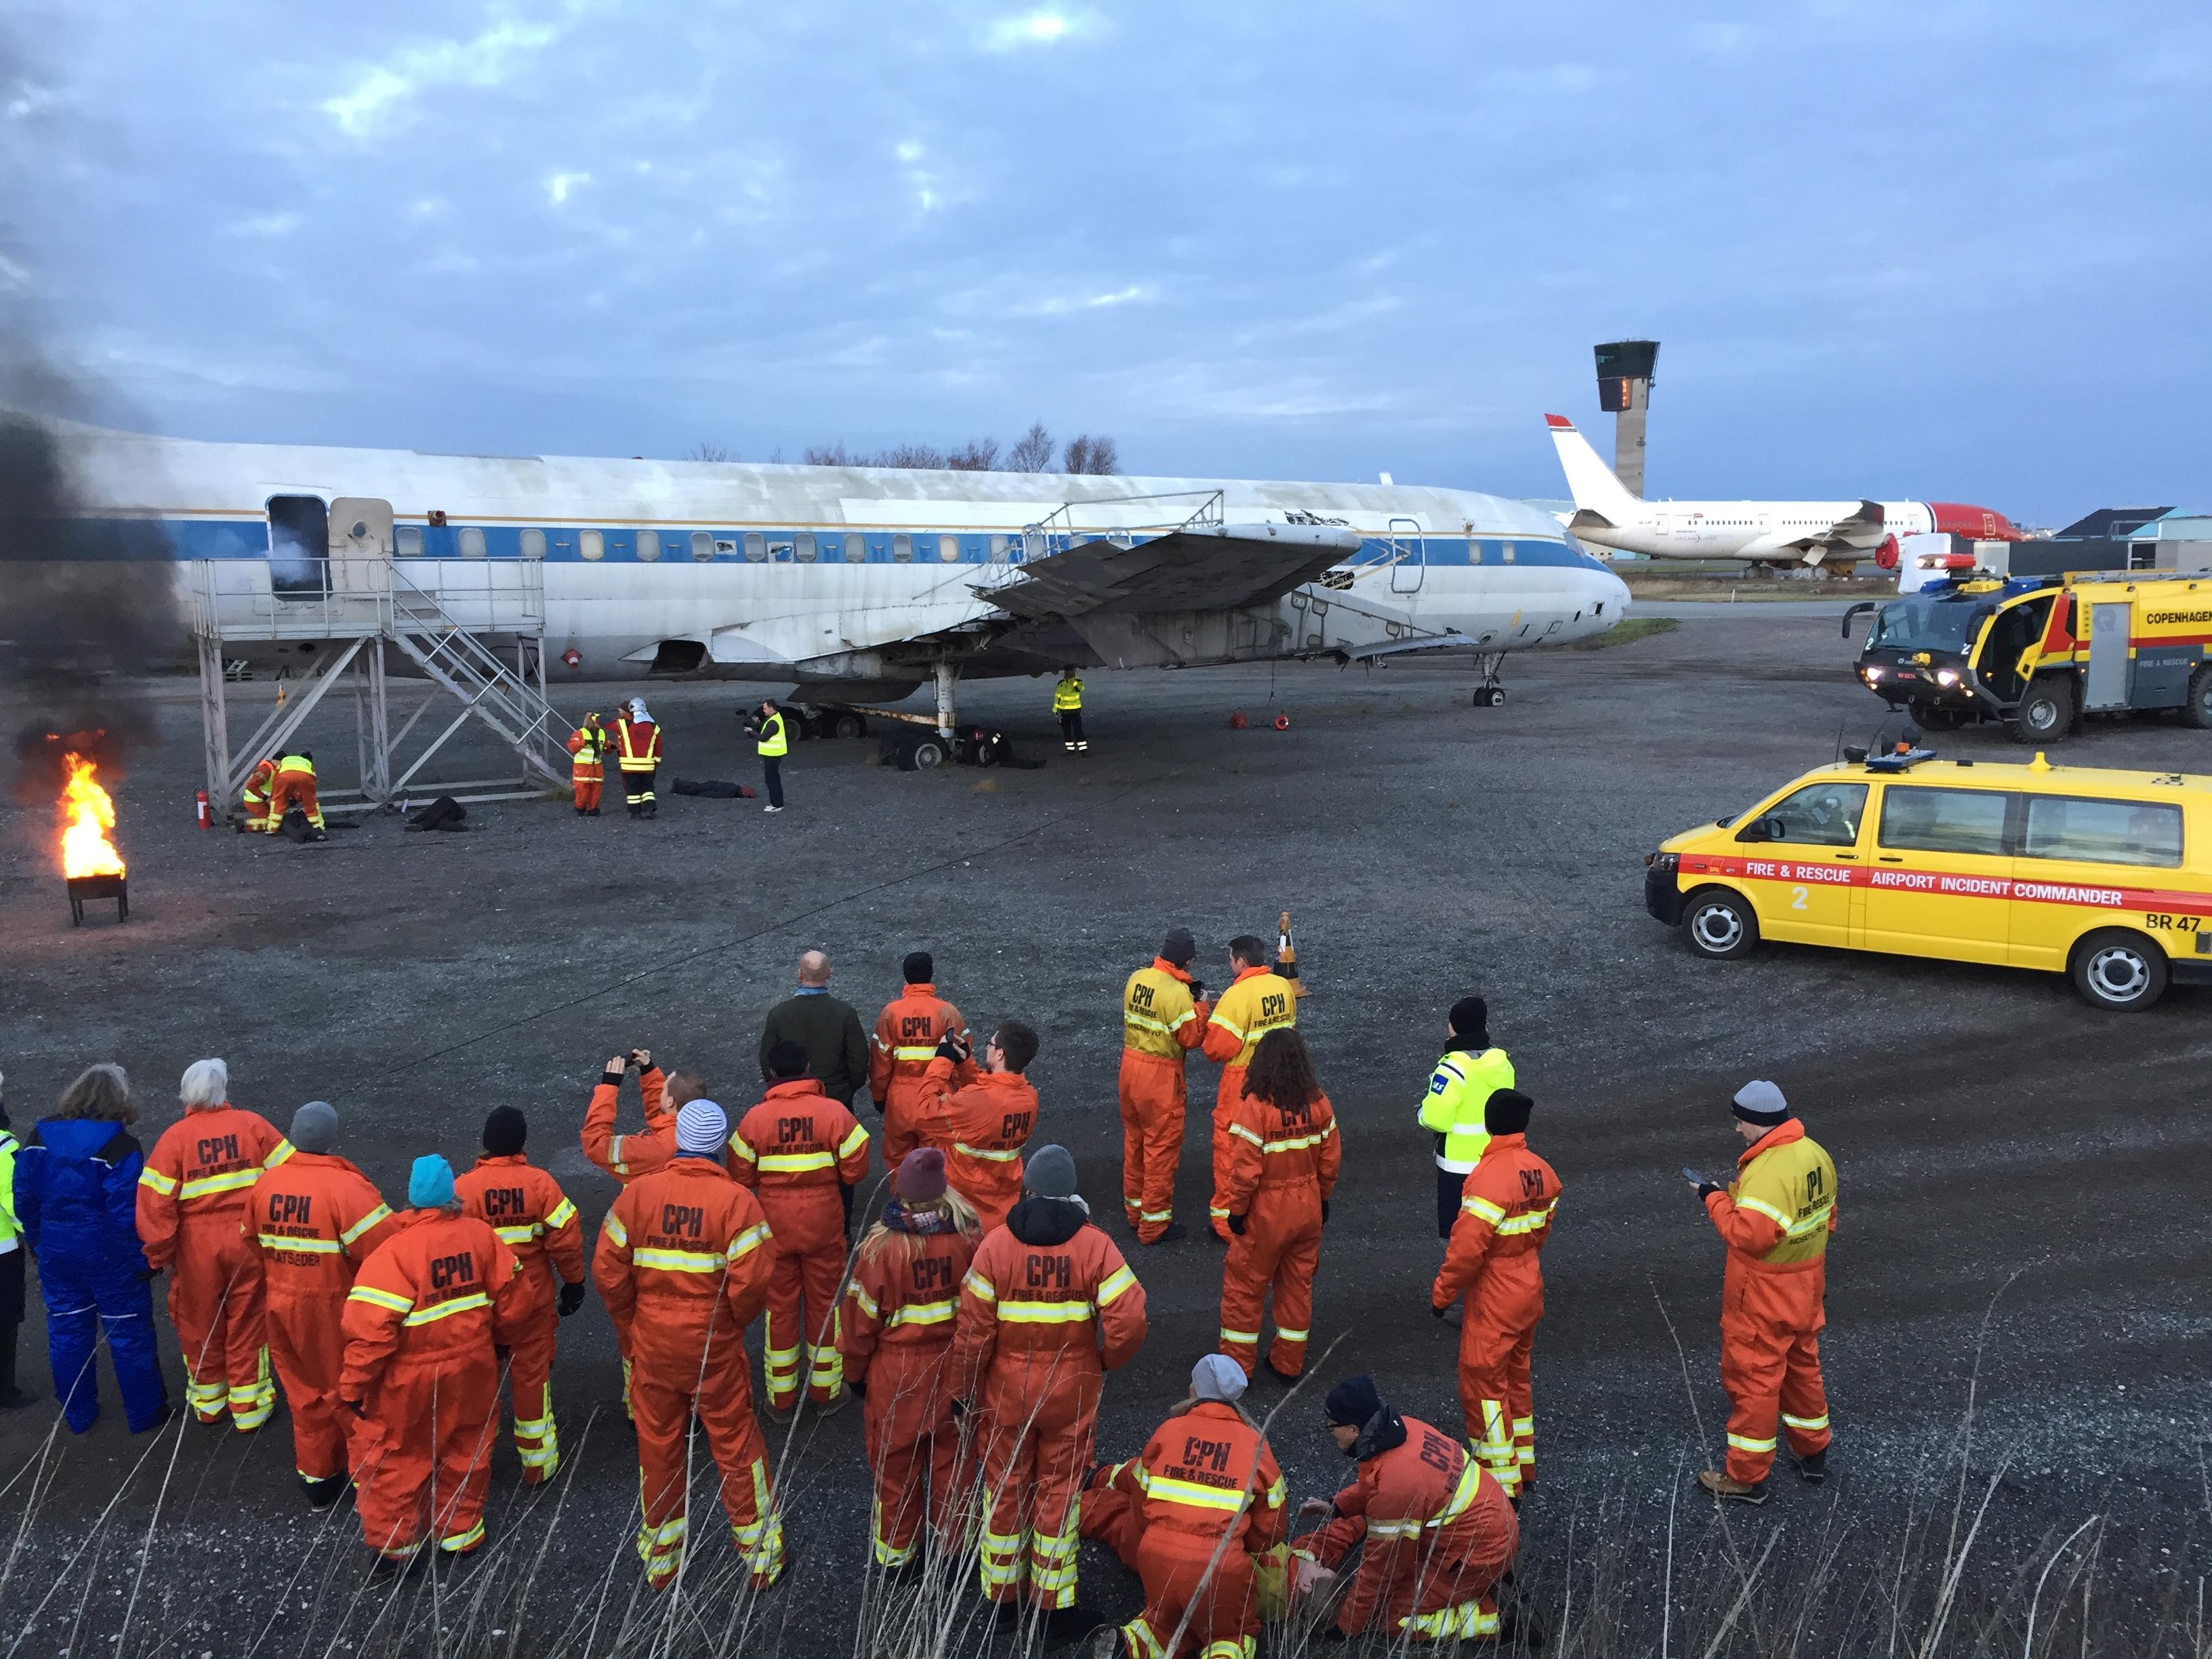 Skandinavias ledende kompetansebedrift innenfor kurs i livreddende førstehjelp